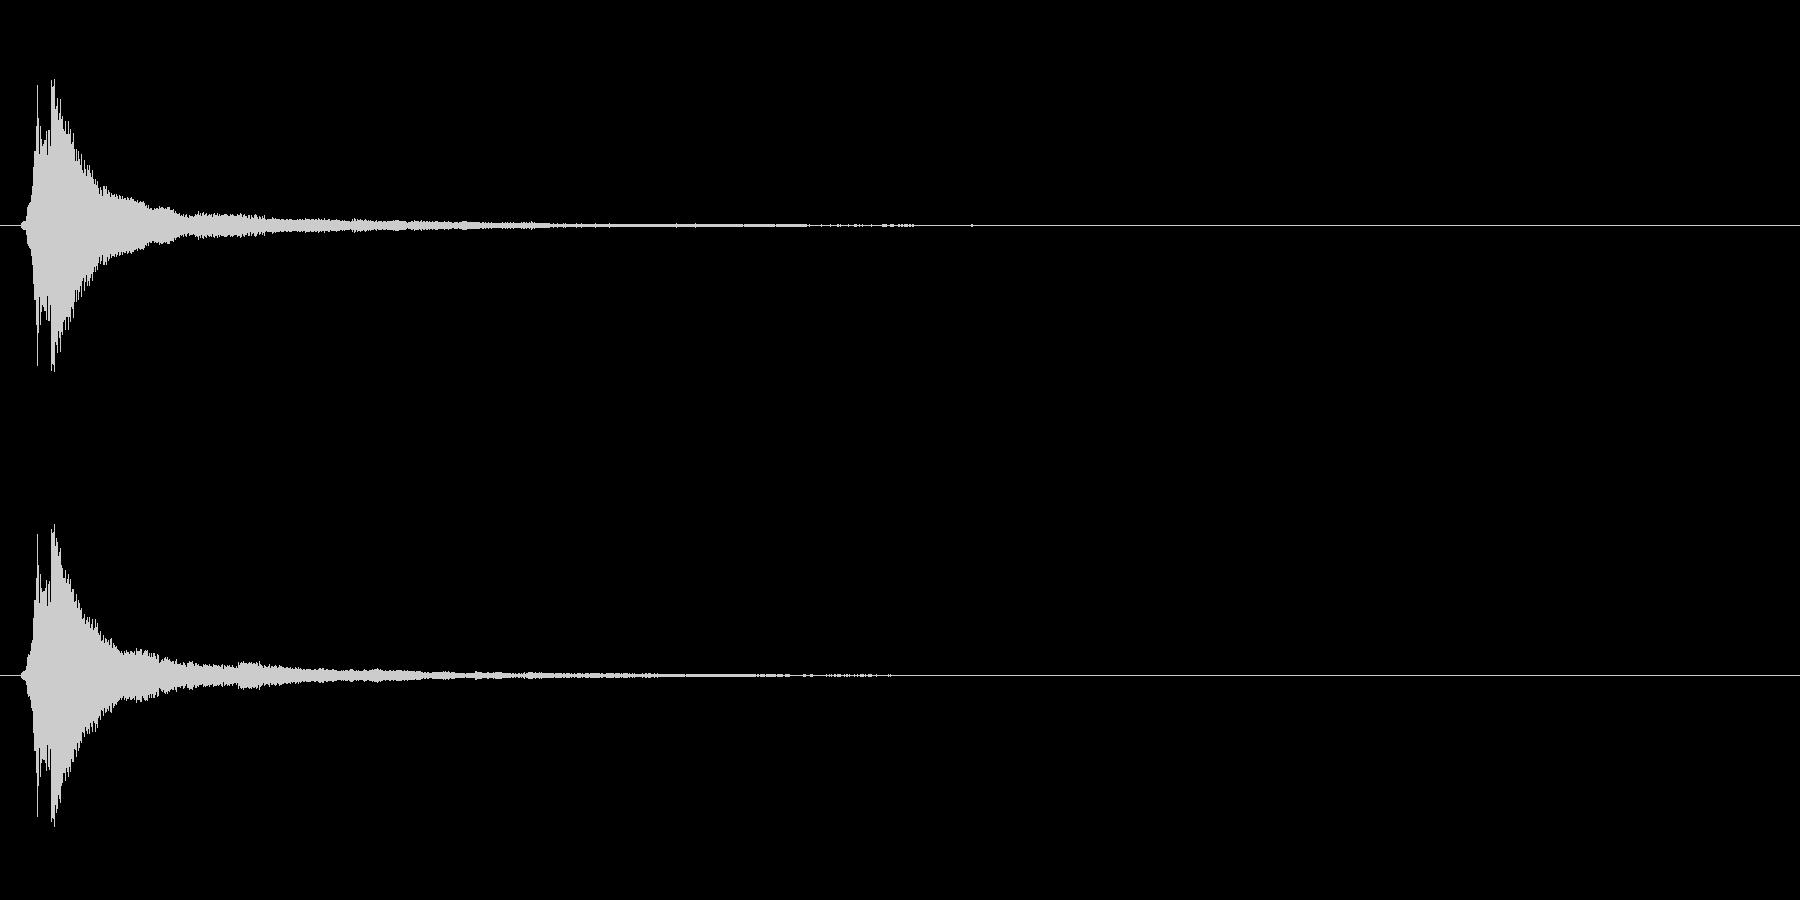 サウンドロゴ(企業ロゴ)_017の未再生の波形